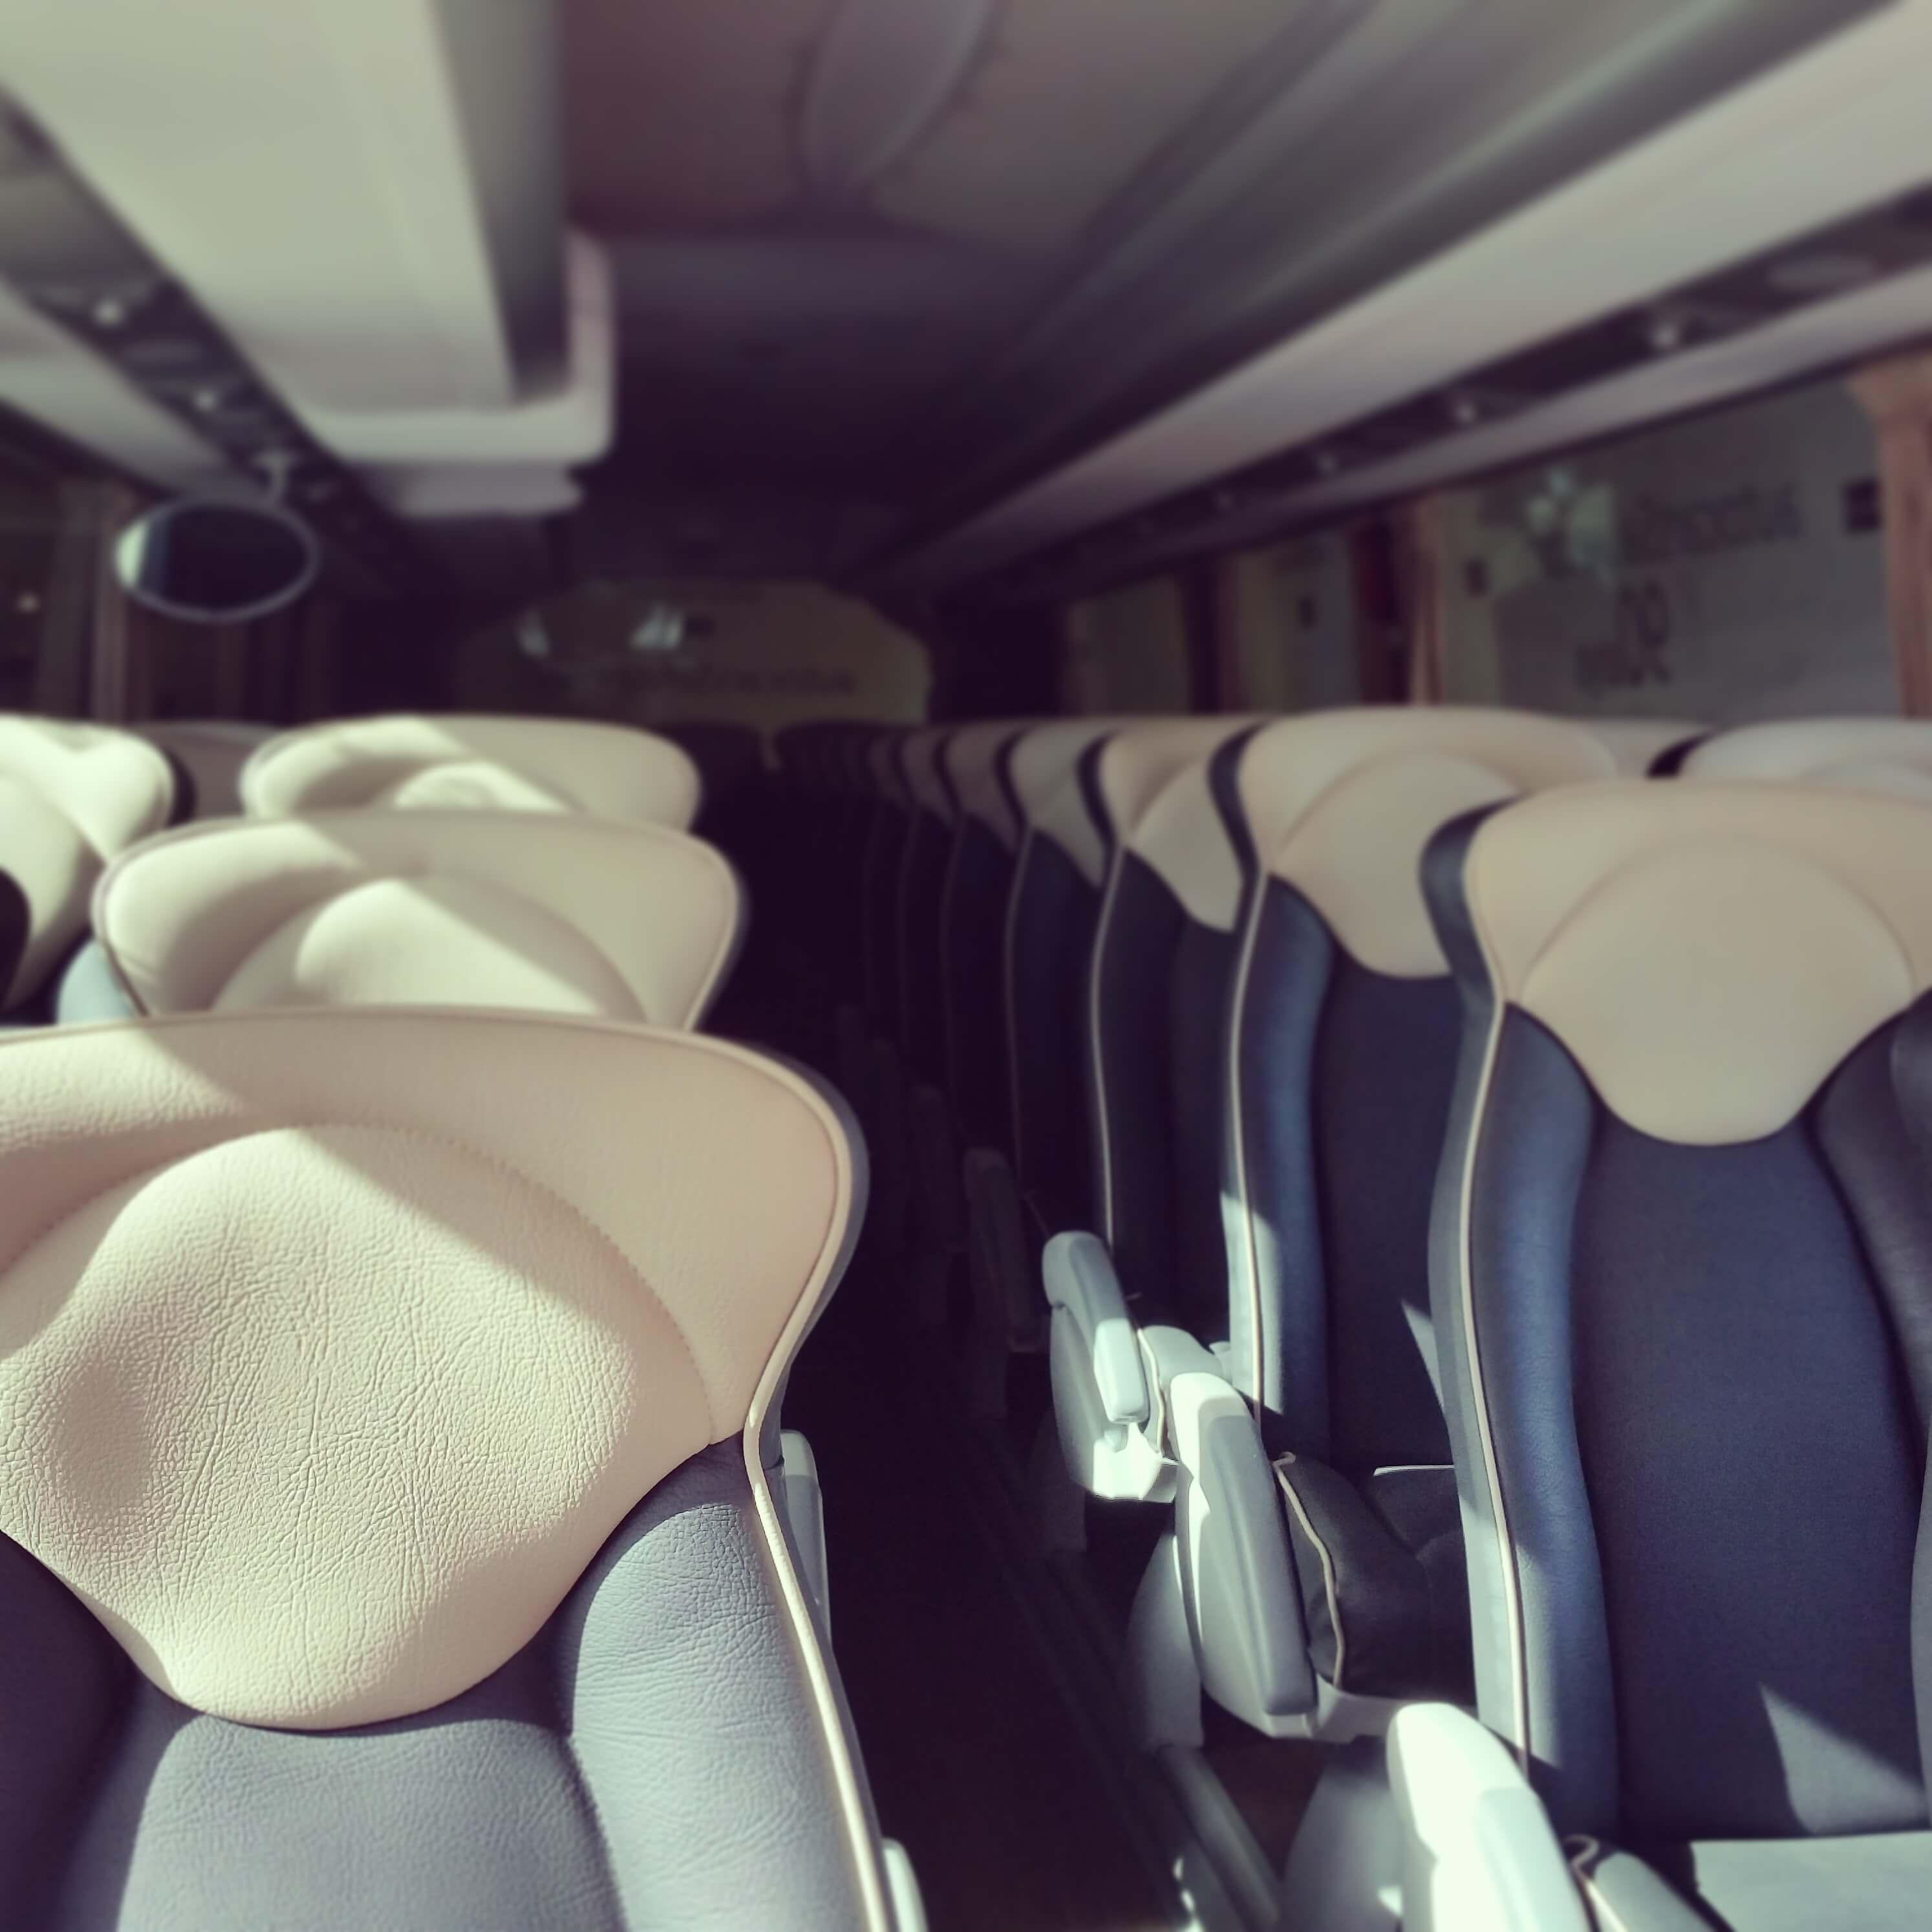 elClaxon alquiler autocar interior asientos piel irizar pb Barcelona